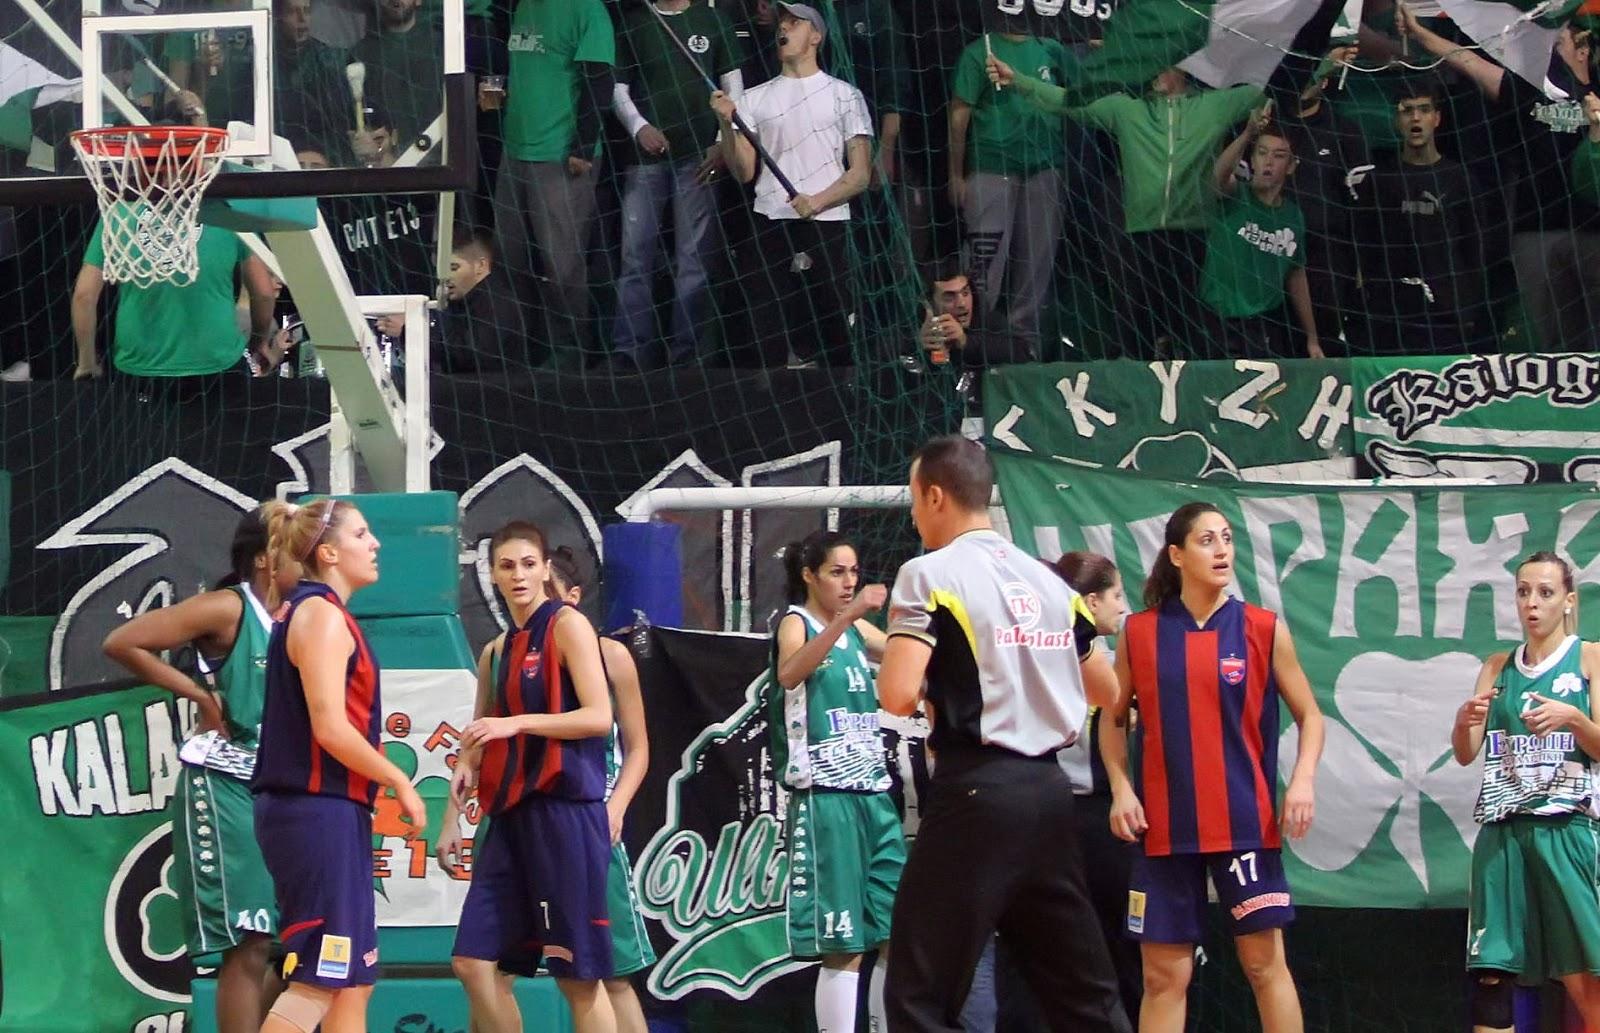 παο μπασκετ Image: Μπάσκετ Γυναικών: Ήττα-συντριβή από τον ΠΑΟ!